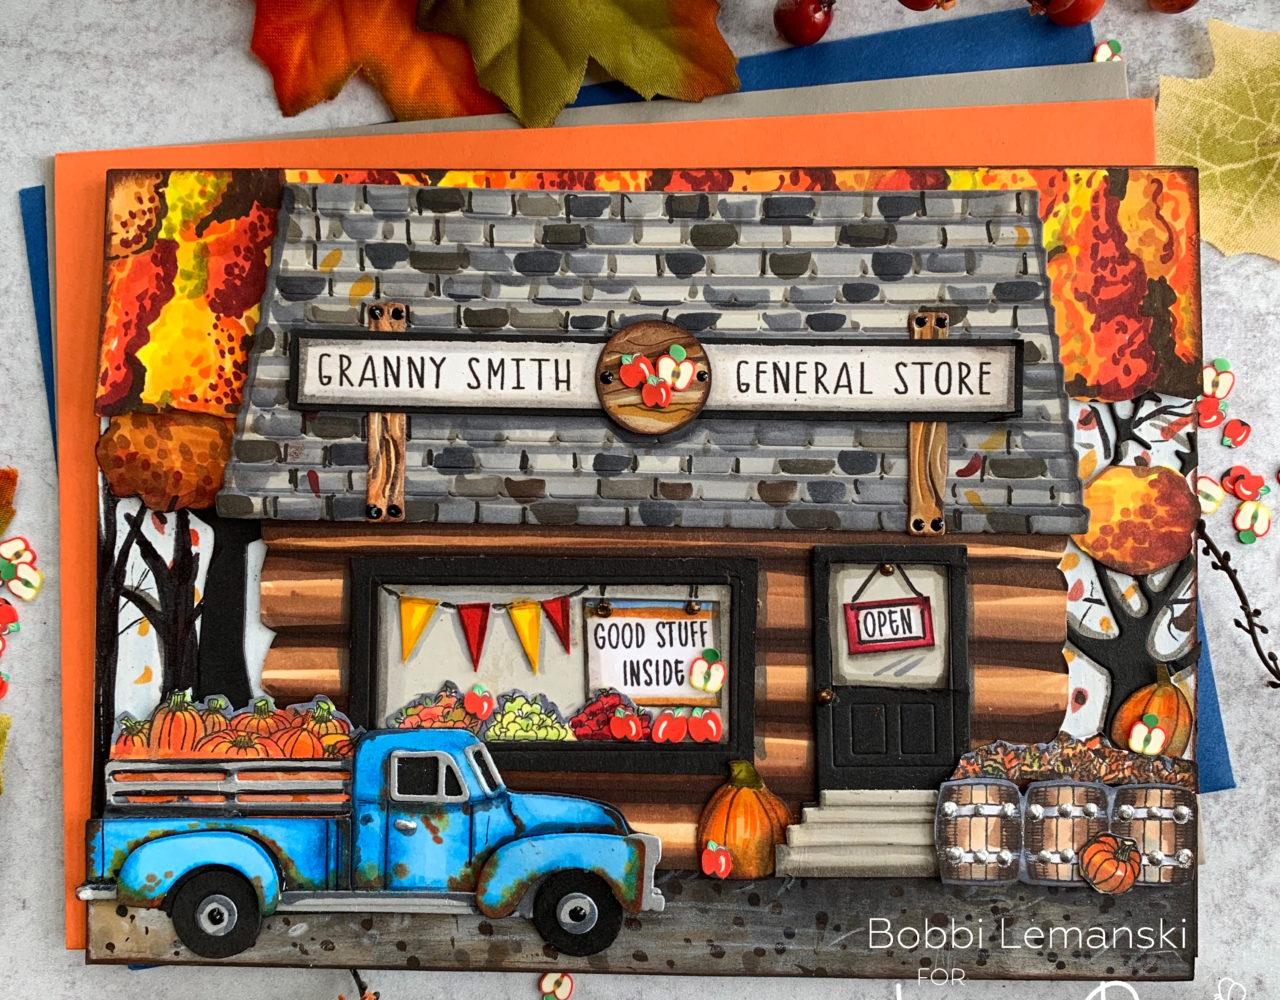 Granny Smith General Store